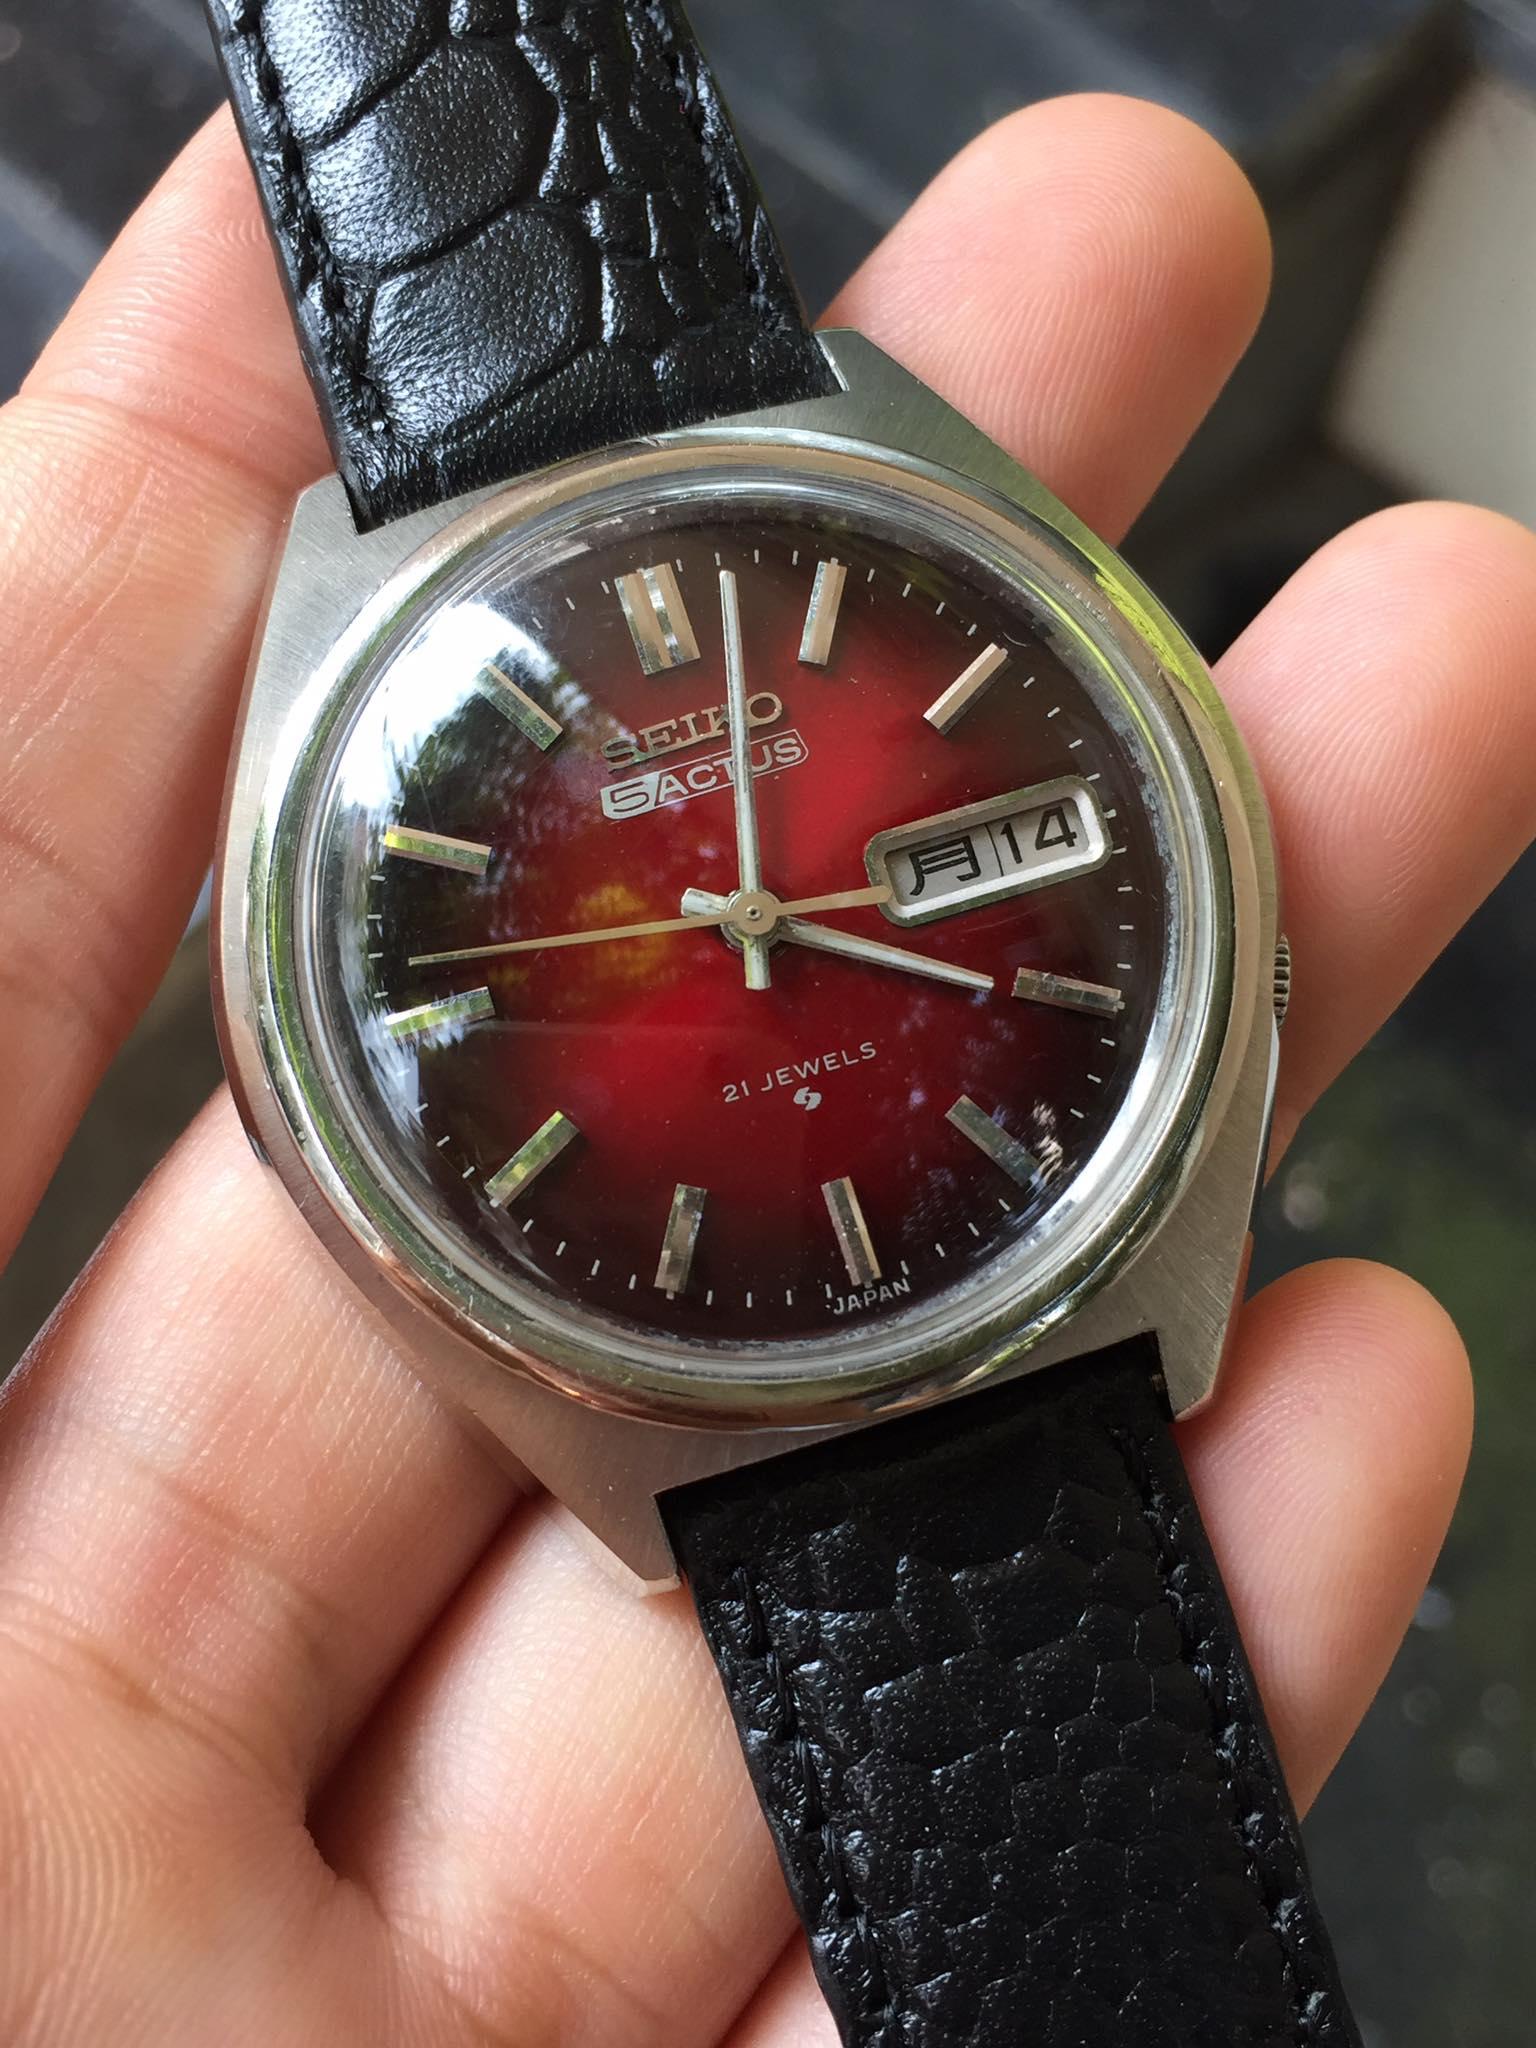 [HCM]Đồng hồ nam Seiko 5 Actus cơ automatic 21 jewels mặt đỏ có ô cửa lịch dây da